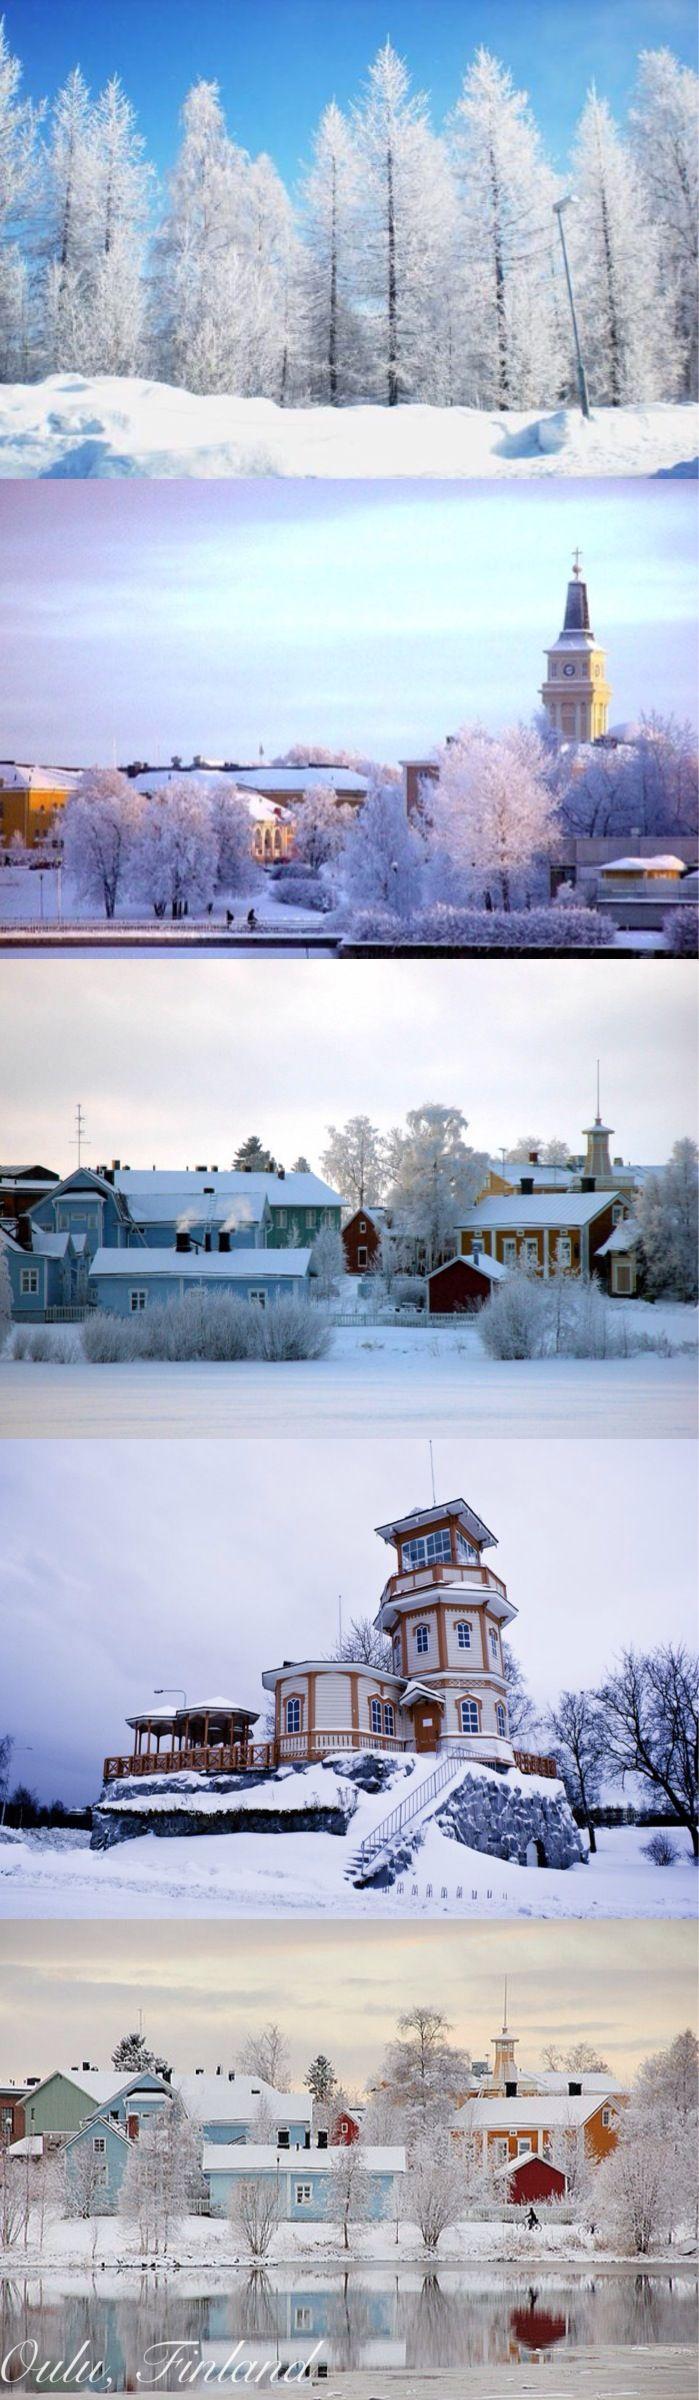 Oulu in the winter, Finland.